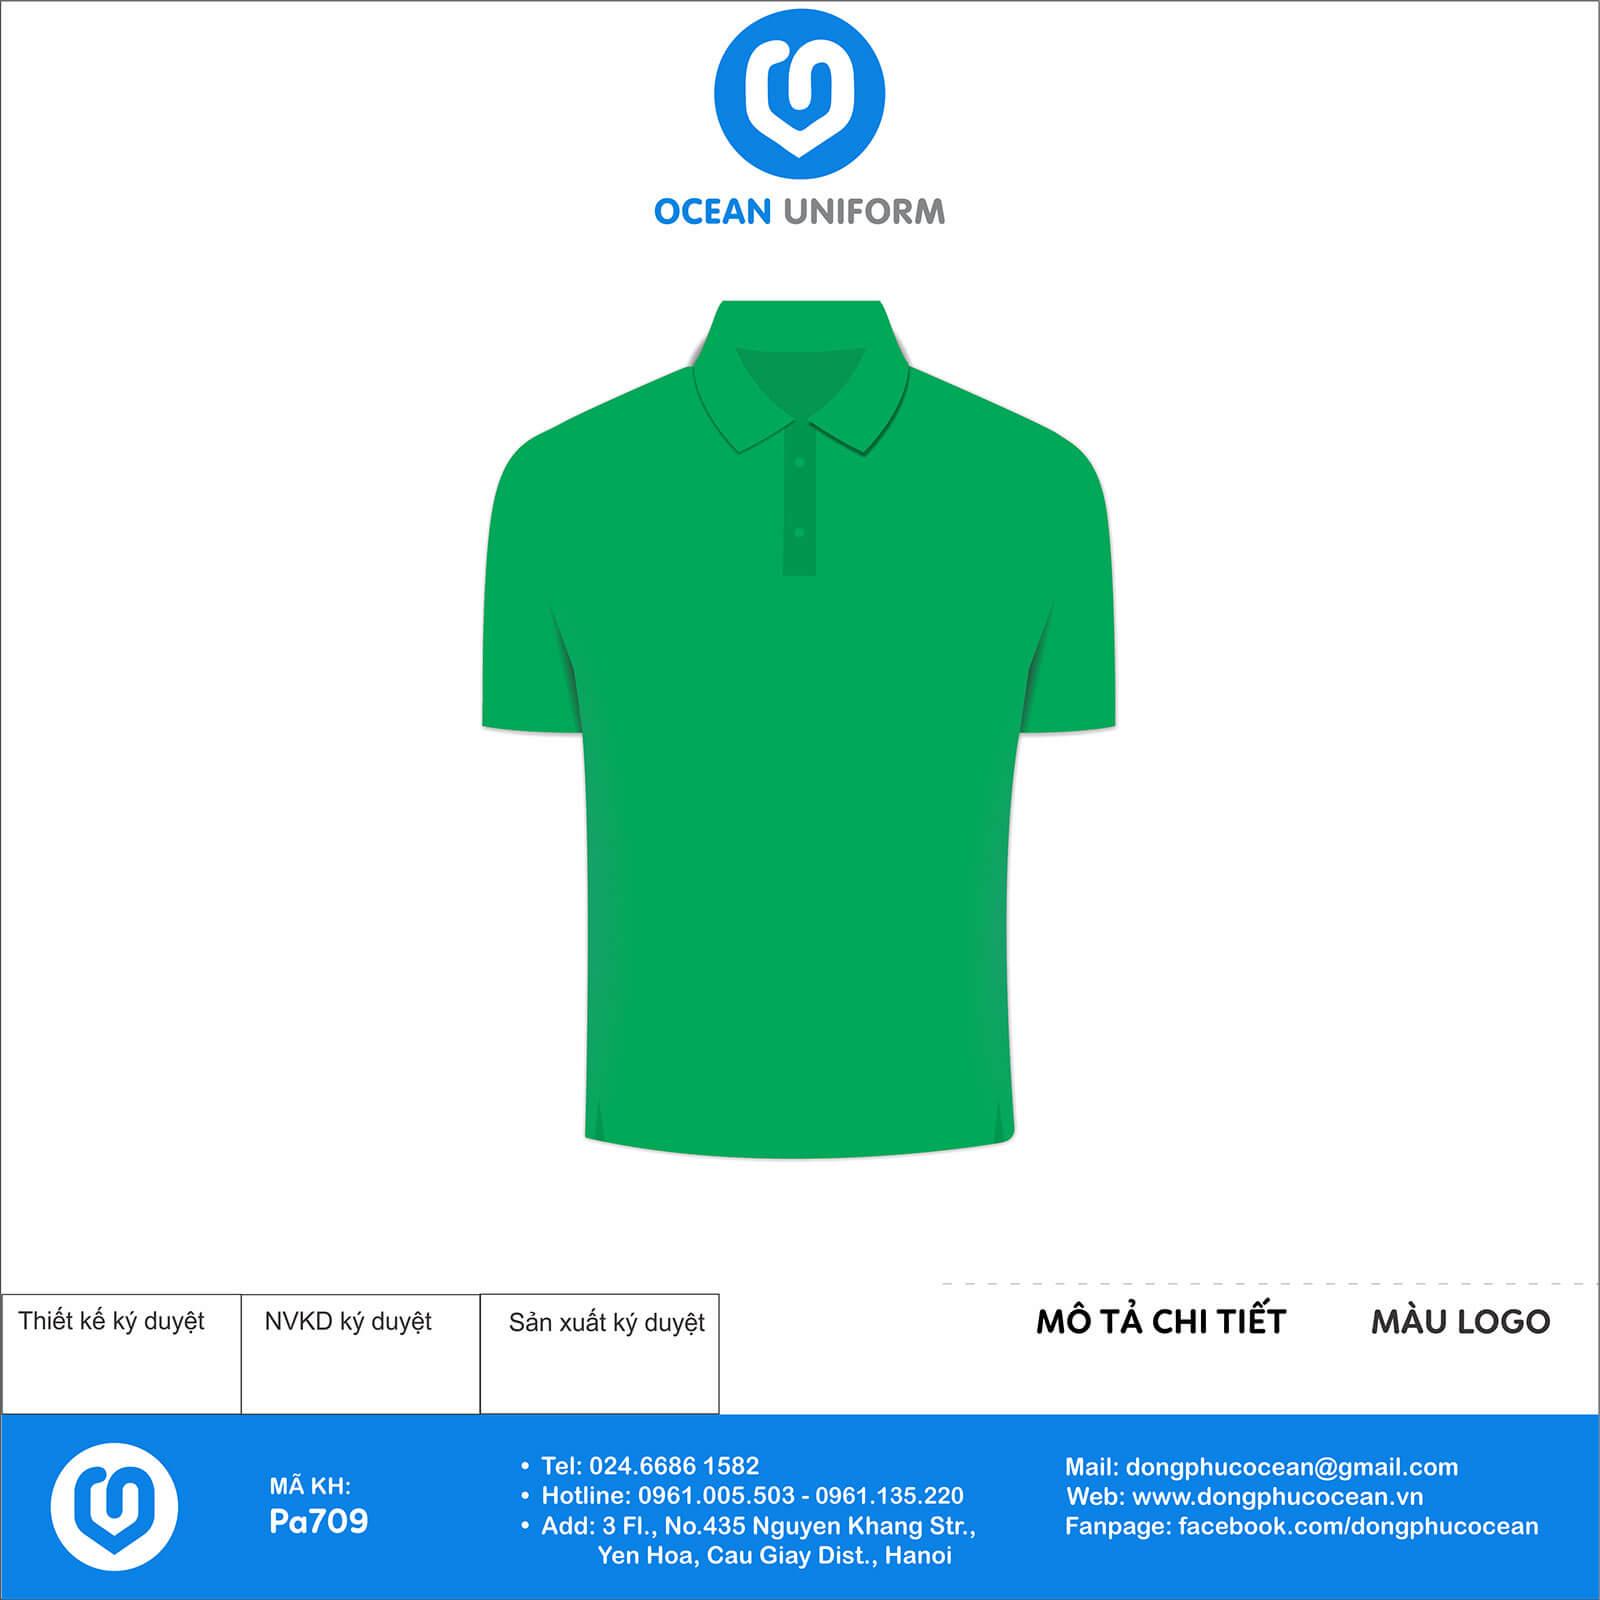 Áo đồng phục Công ty TNHH Thực Phẩm Hoàng Yến